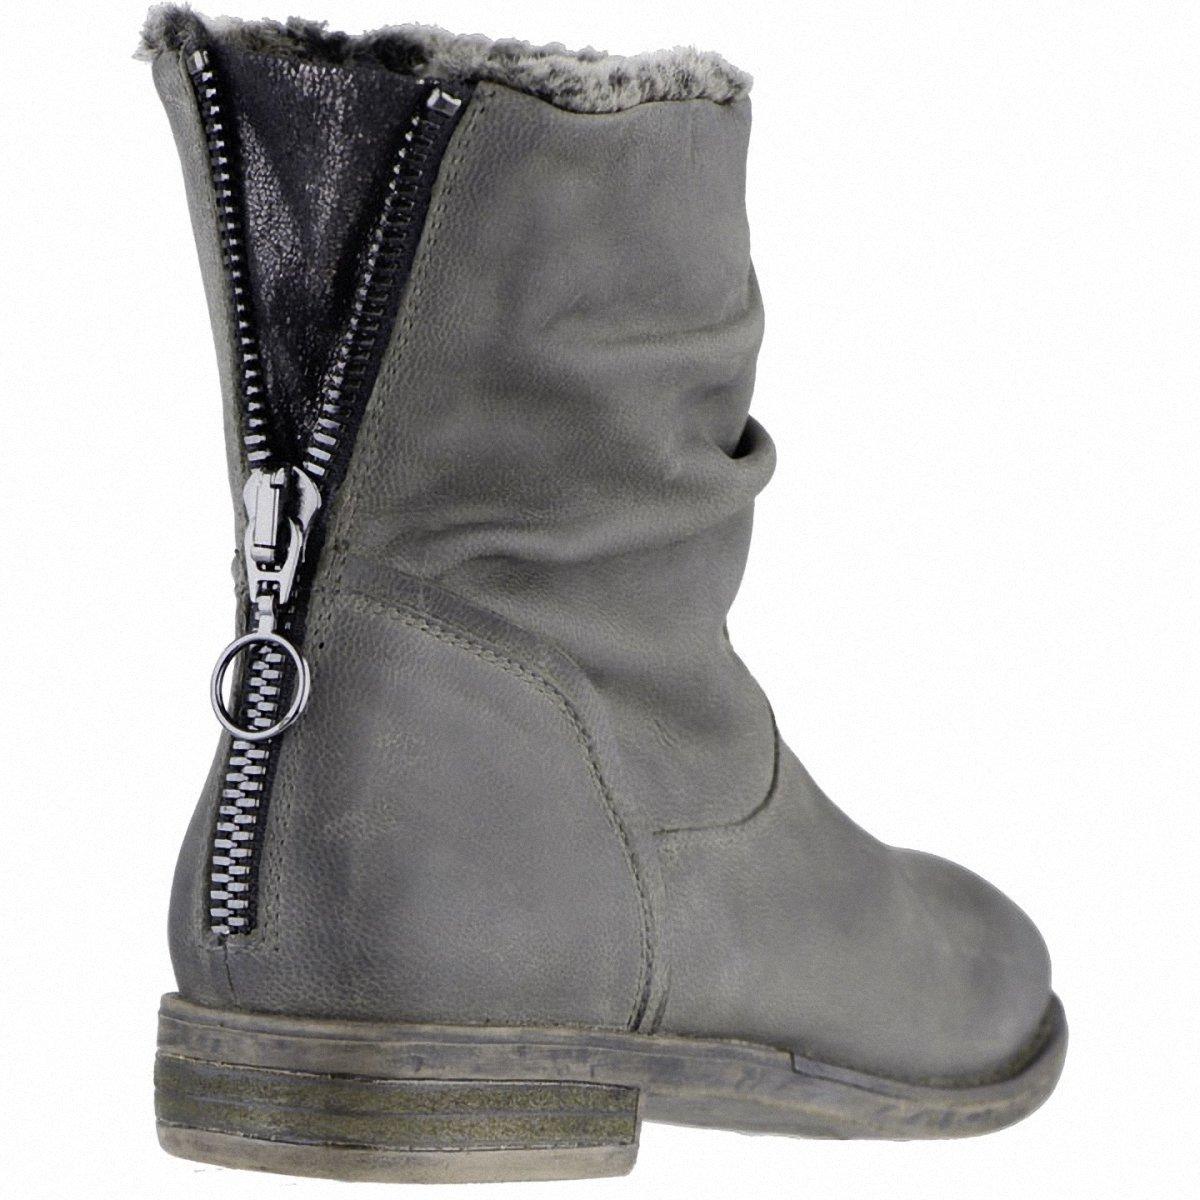 SPM kuschlige Damen Leder Leder Leder Stiefeletten grau Warmfutter Memory Fußbett Fersen-Reißverschluss 1639178 36 8562a6